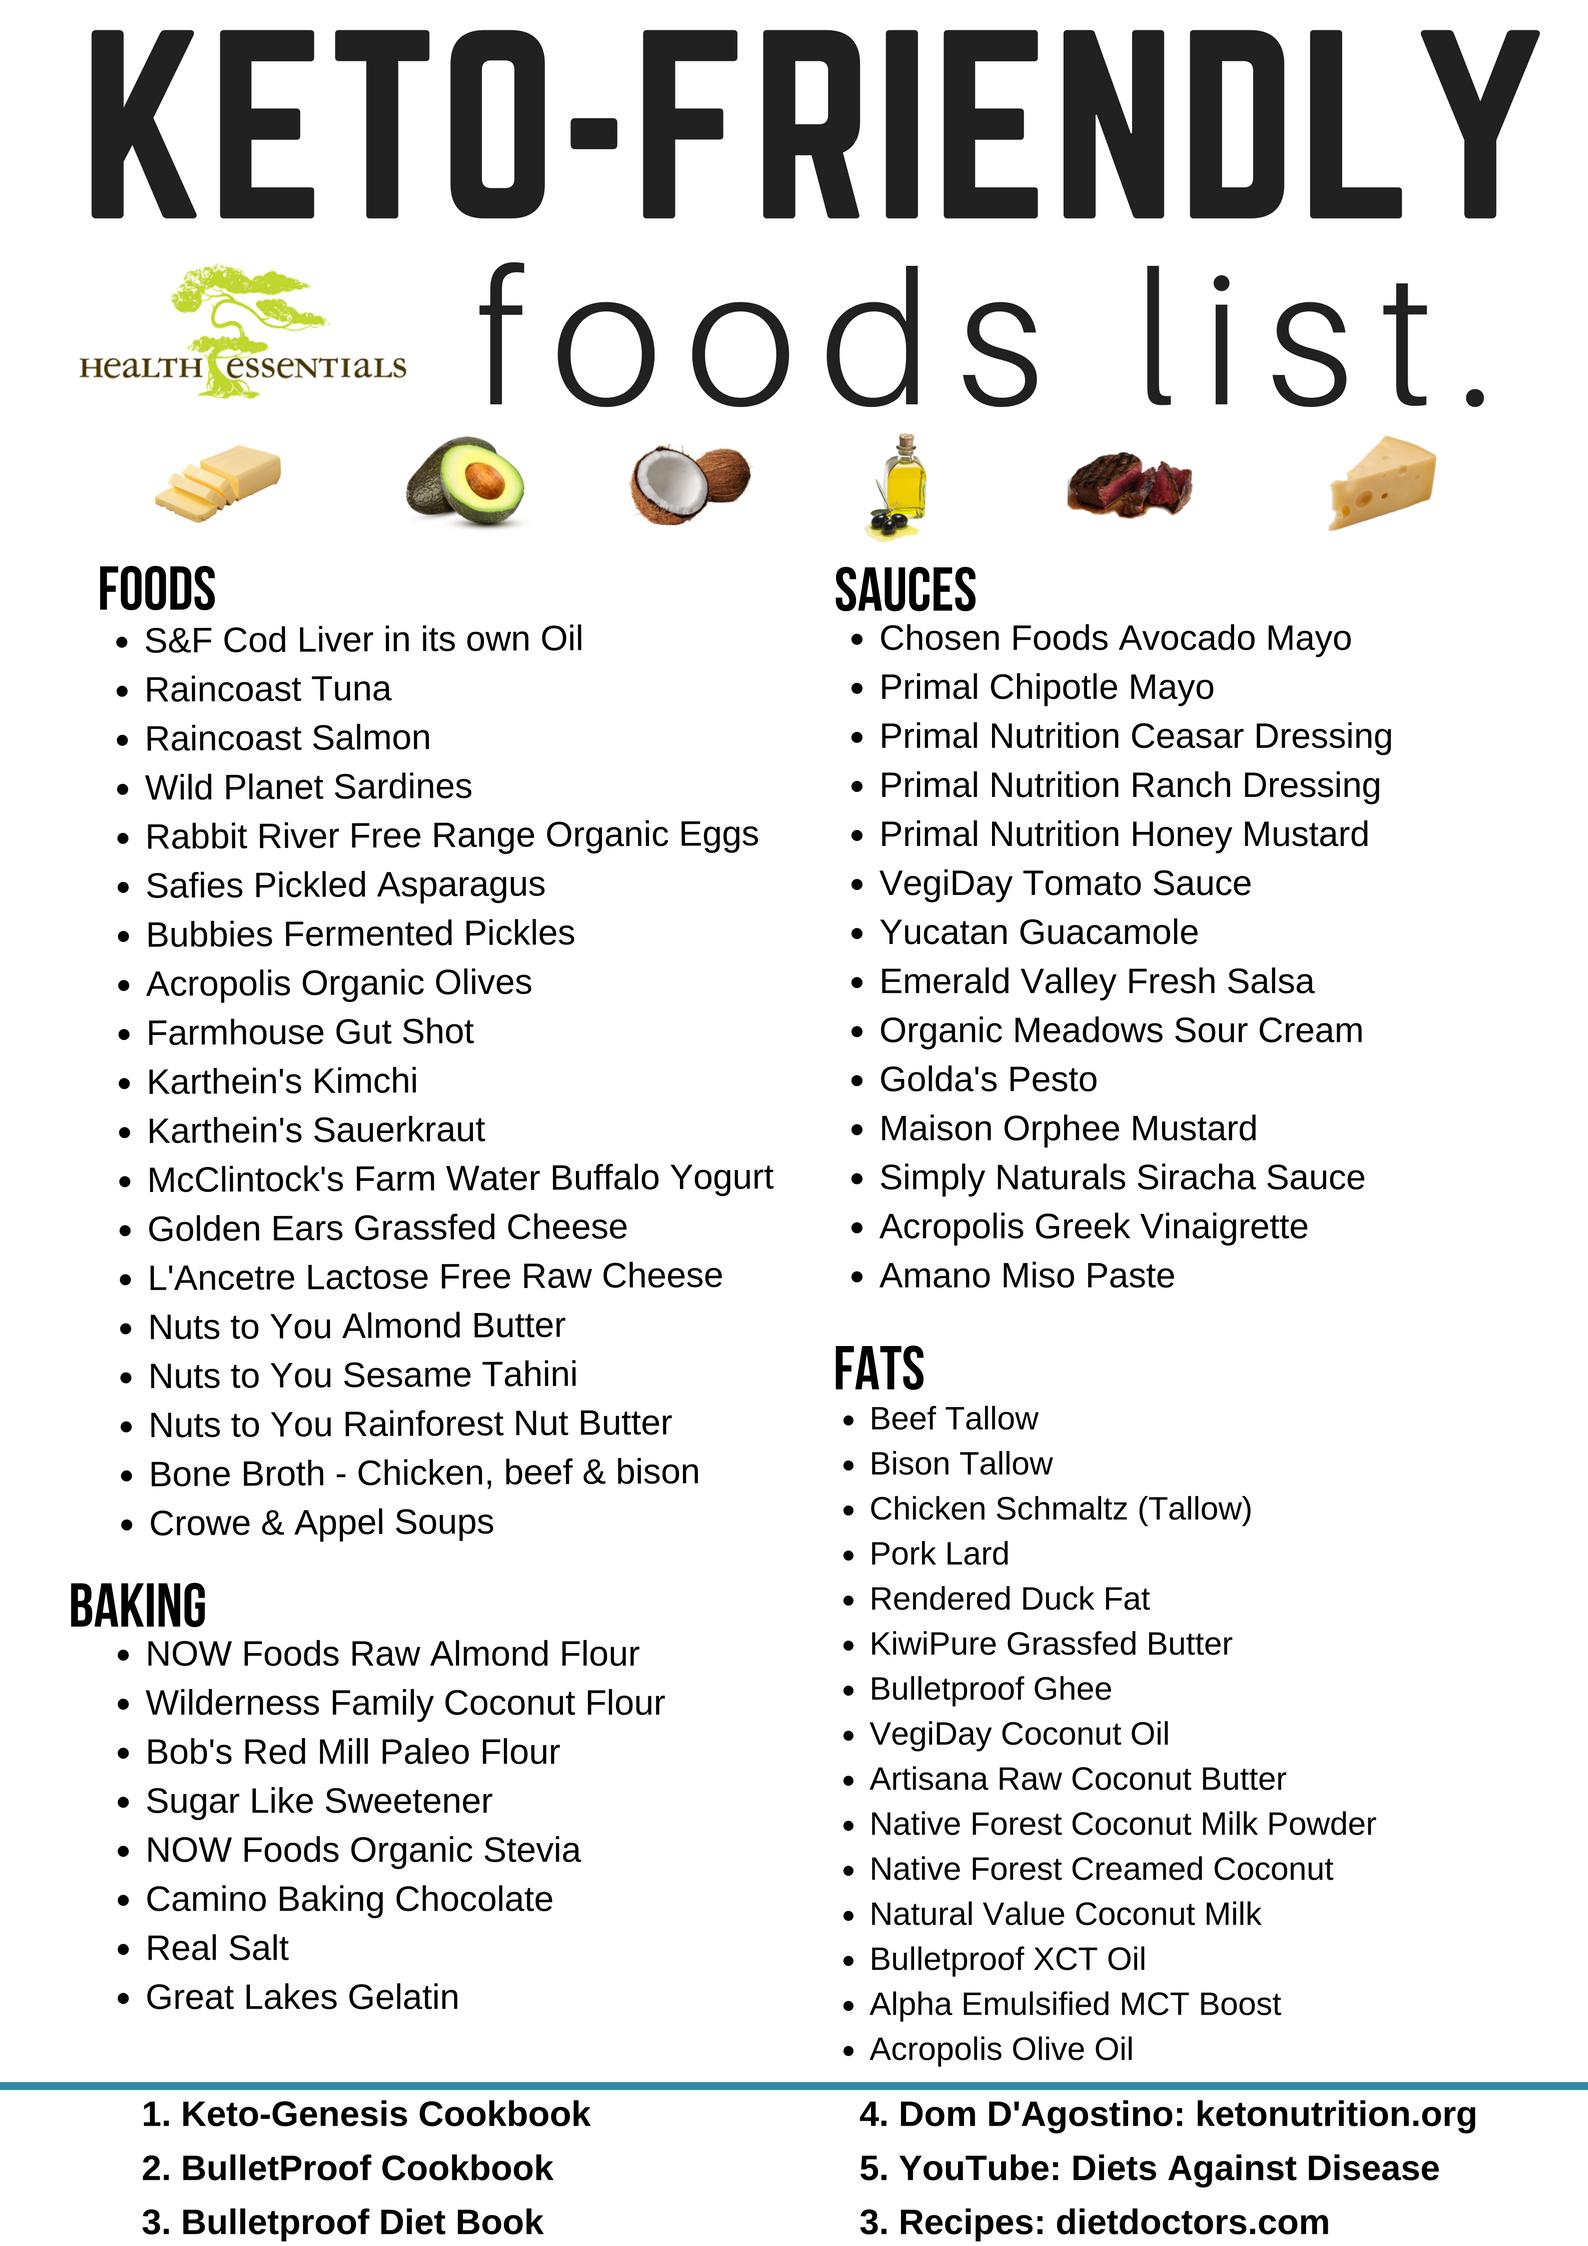 4 Easy Keto Diet Tips For Beginners Ketogenic food list